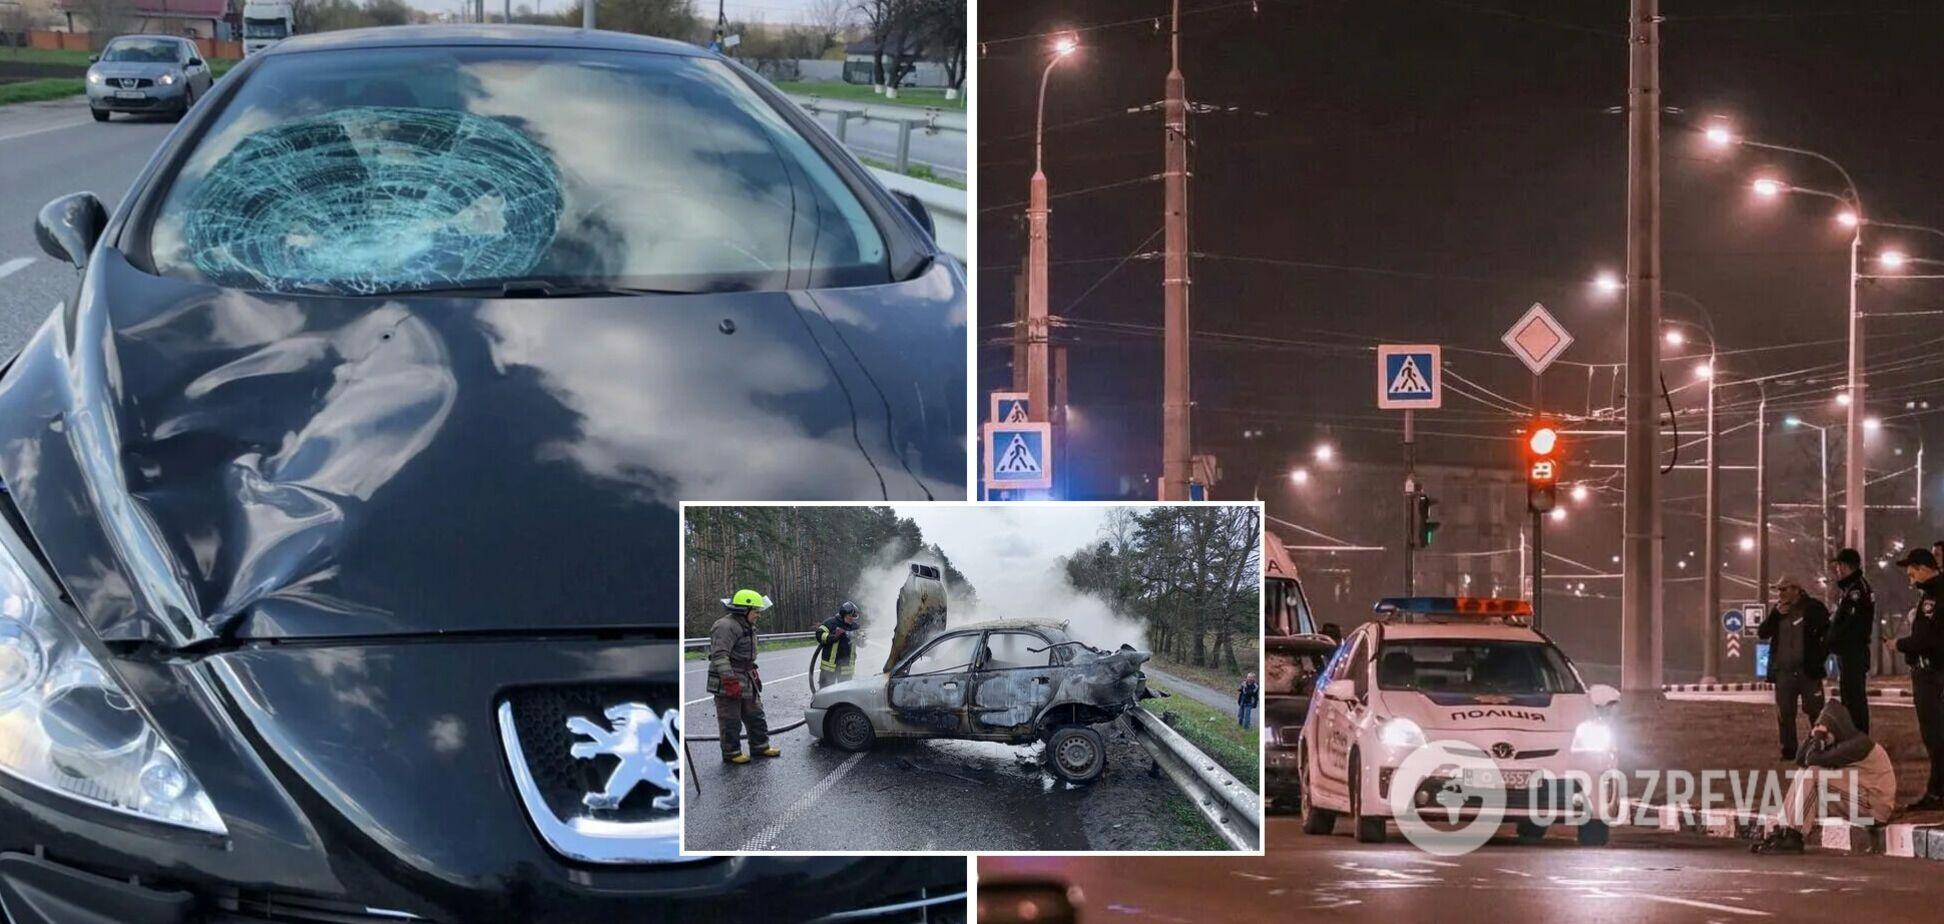 Высокие штрафы и уголовная ответственность не пугают водителей